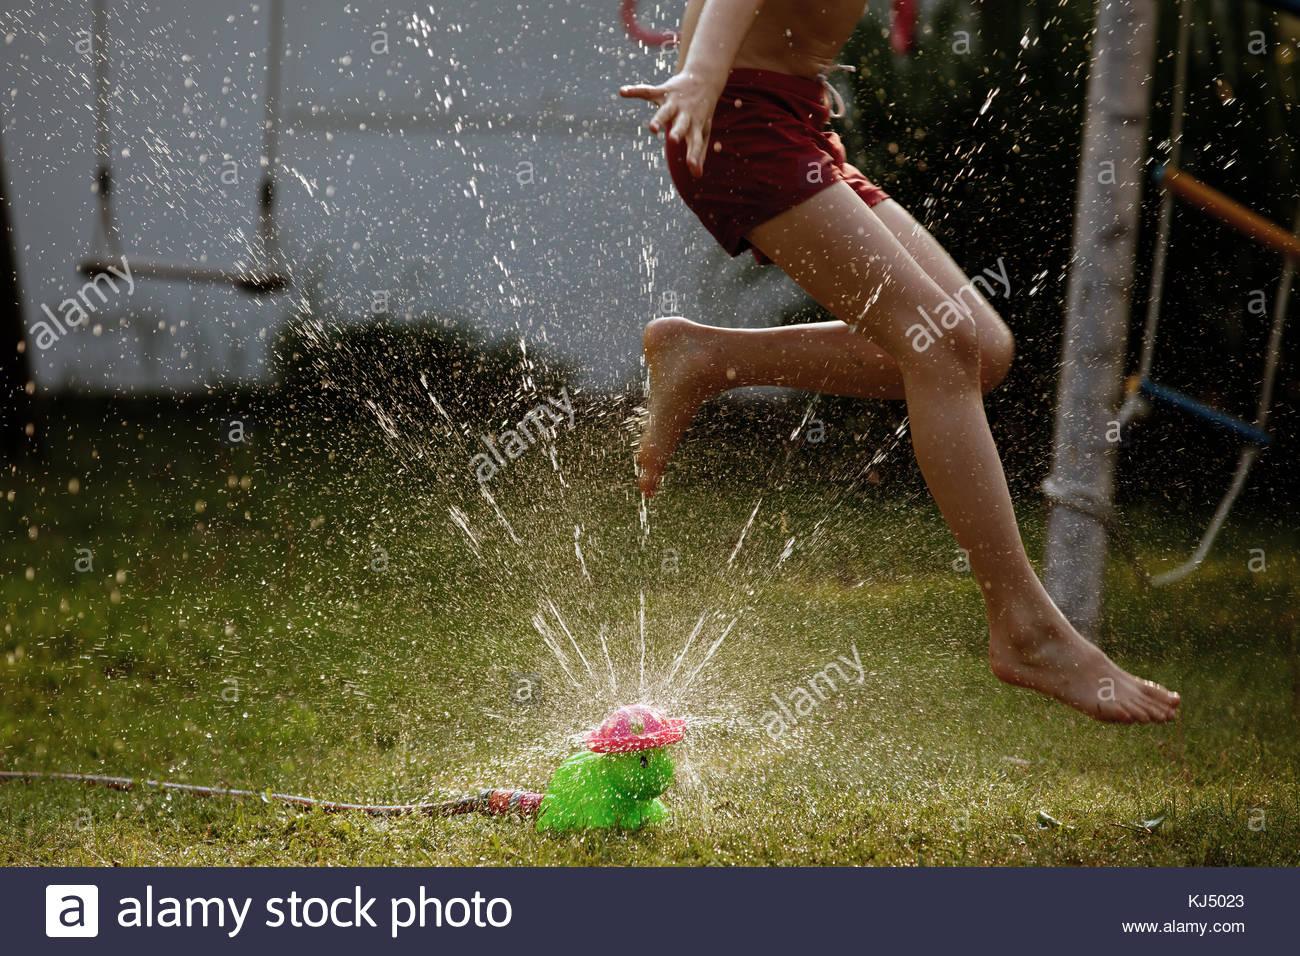 Prato la felicità degli sprinkler Immagini Stock